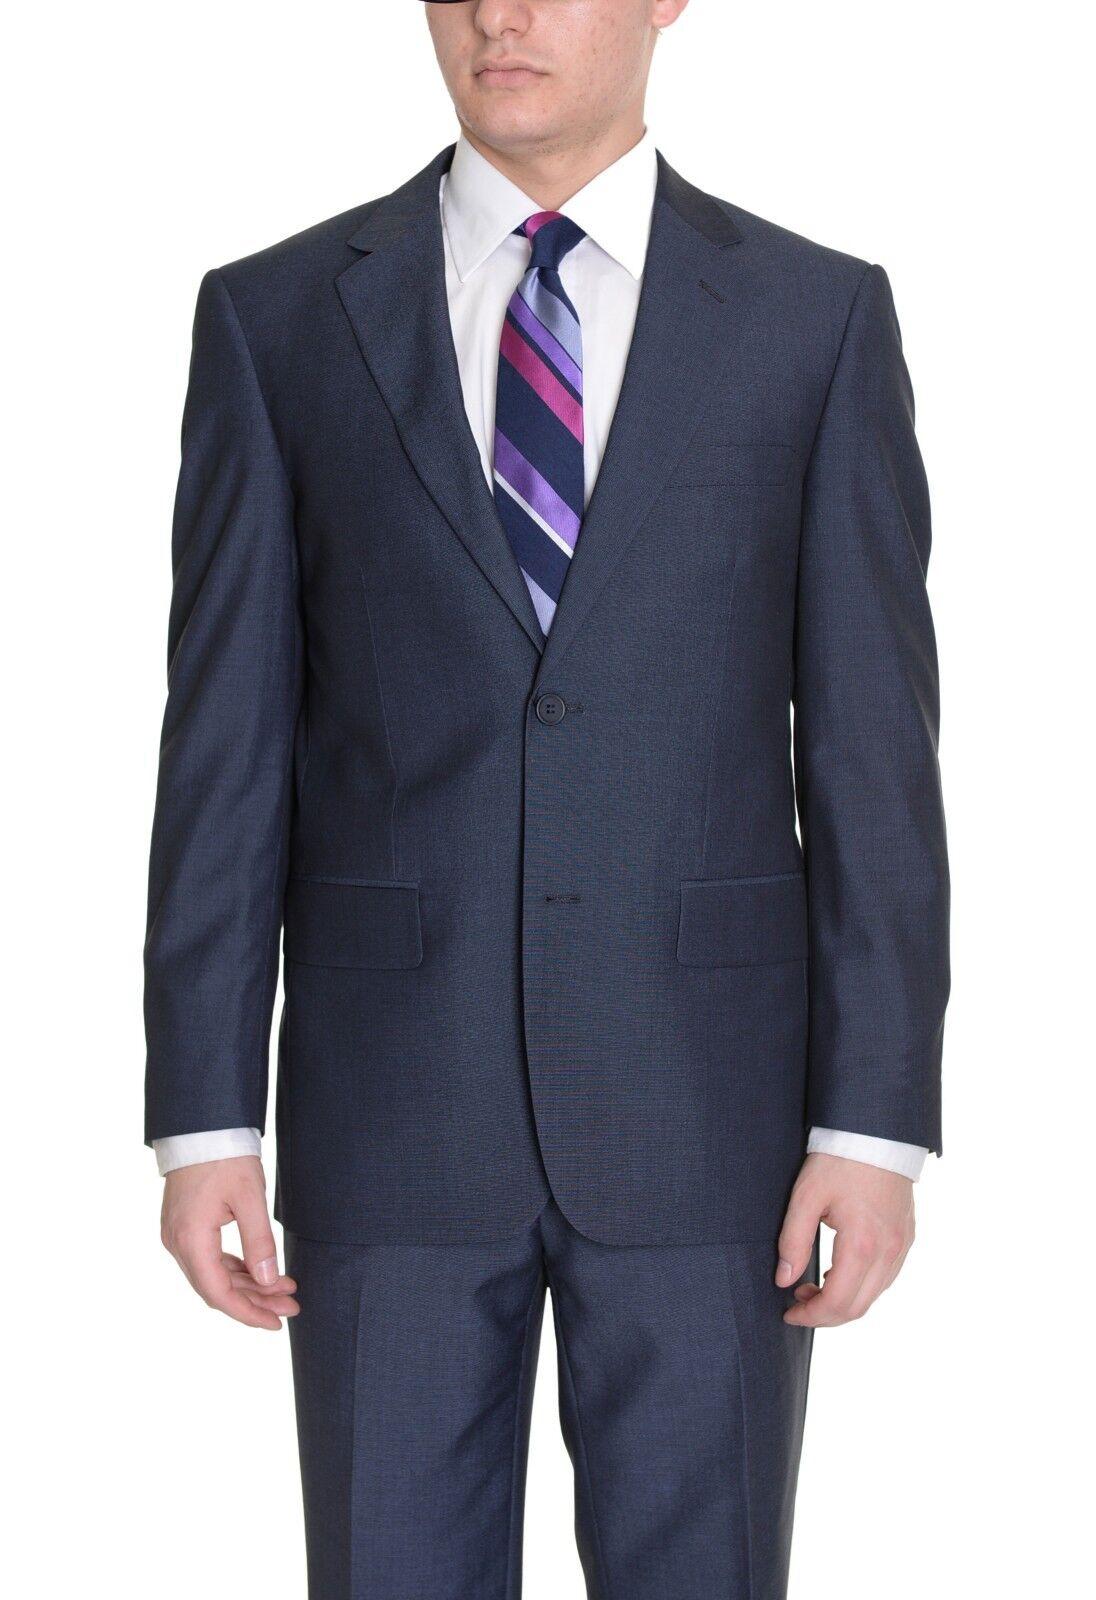 Reblack Classic Fit Navy bluee Two Button Suit 40L 34W